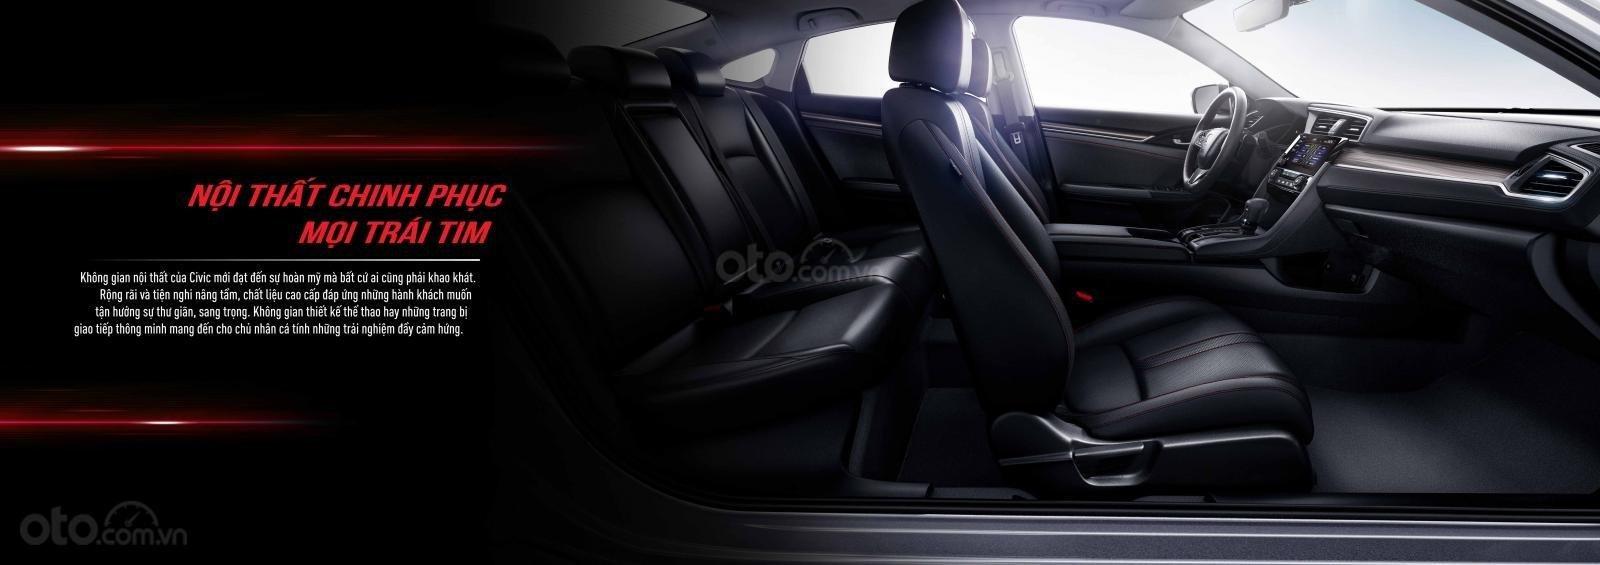 [Honda Civic 2020] Khuyến mãi khủng giảm tiền mặt + phụ kiện, nhận xe ngay chỉ với 230 triệu (4)